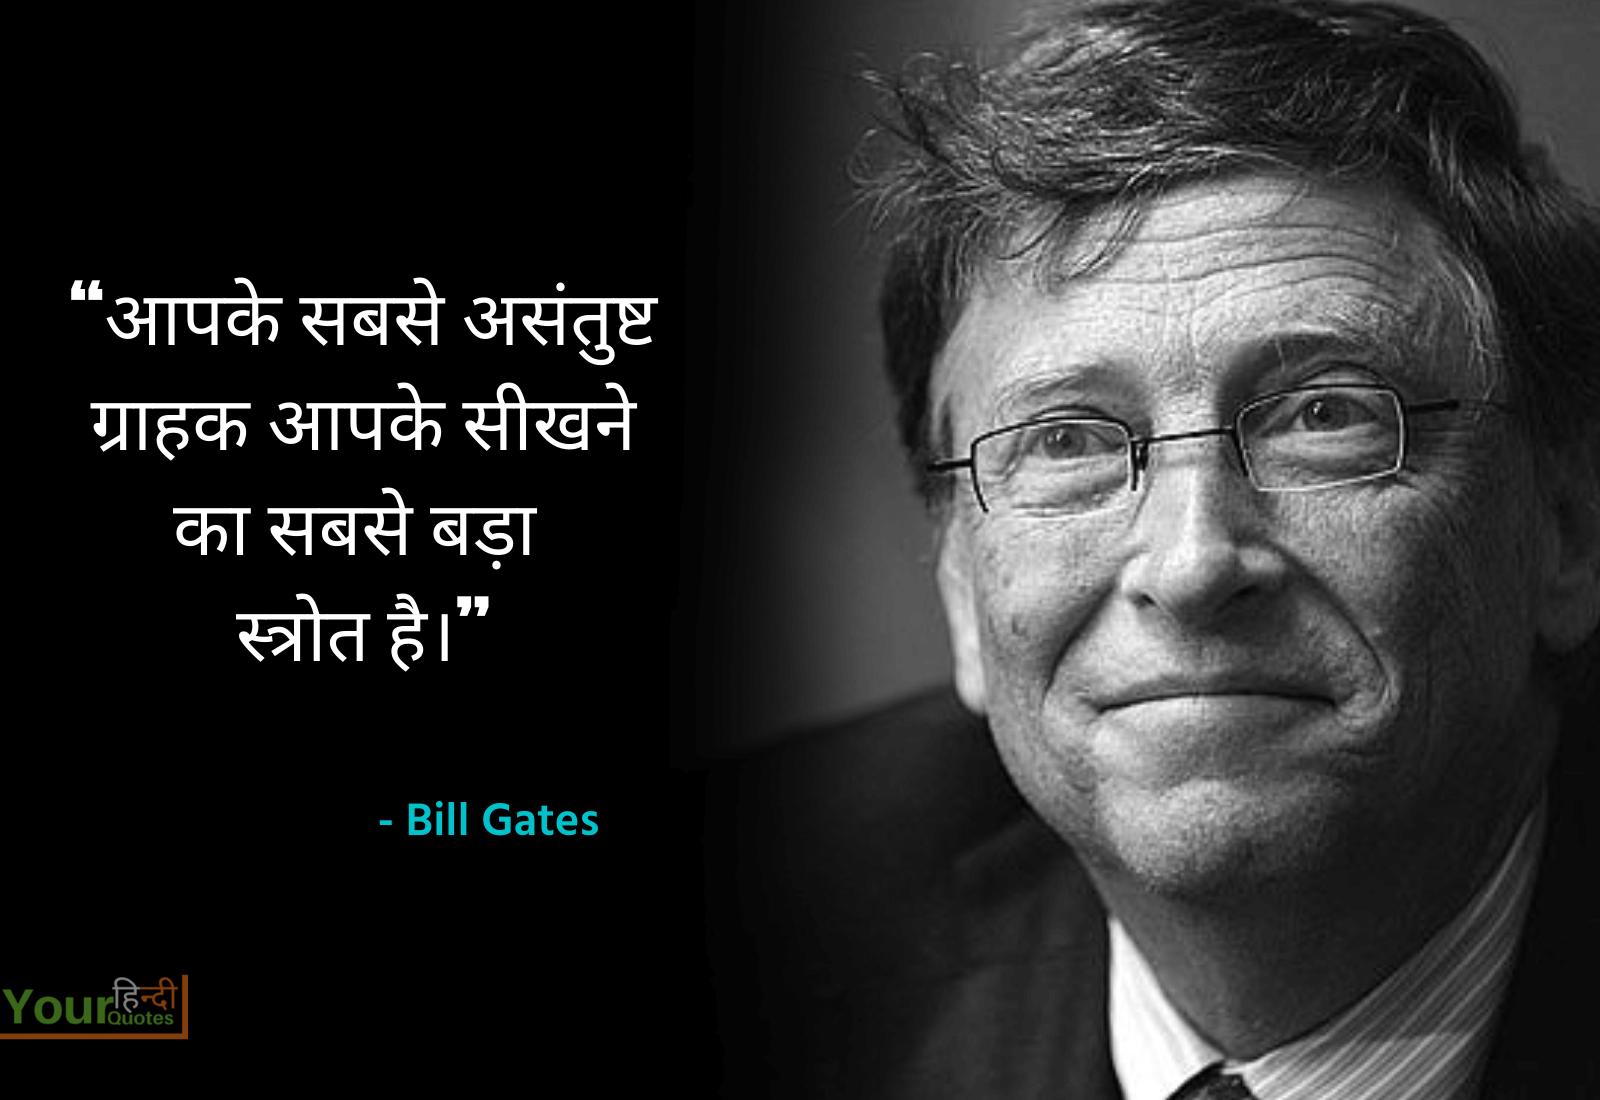 Bill Gates Hindi Quotes Image